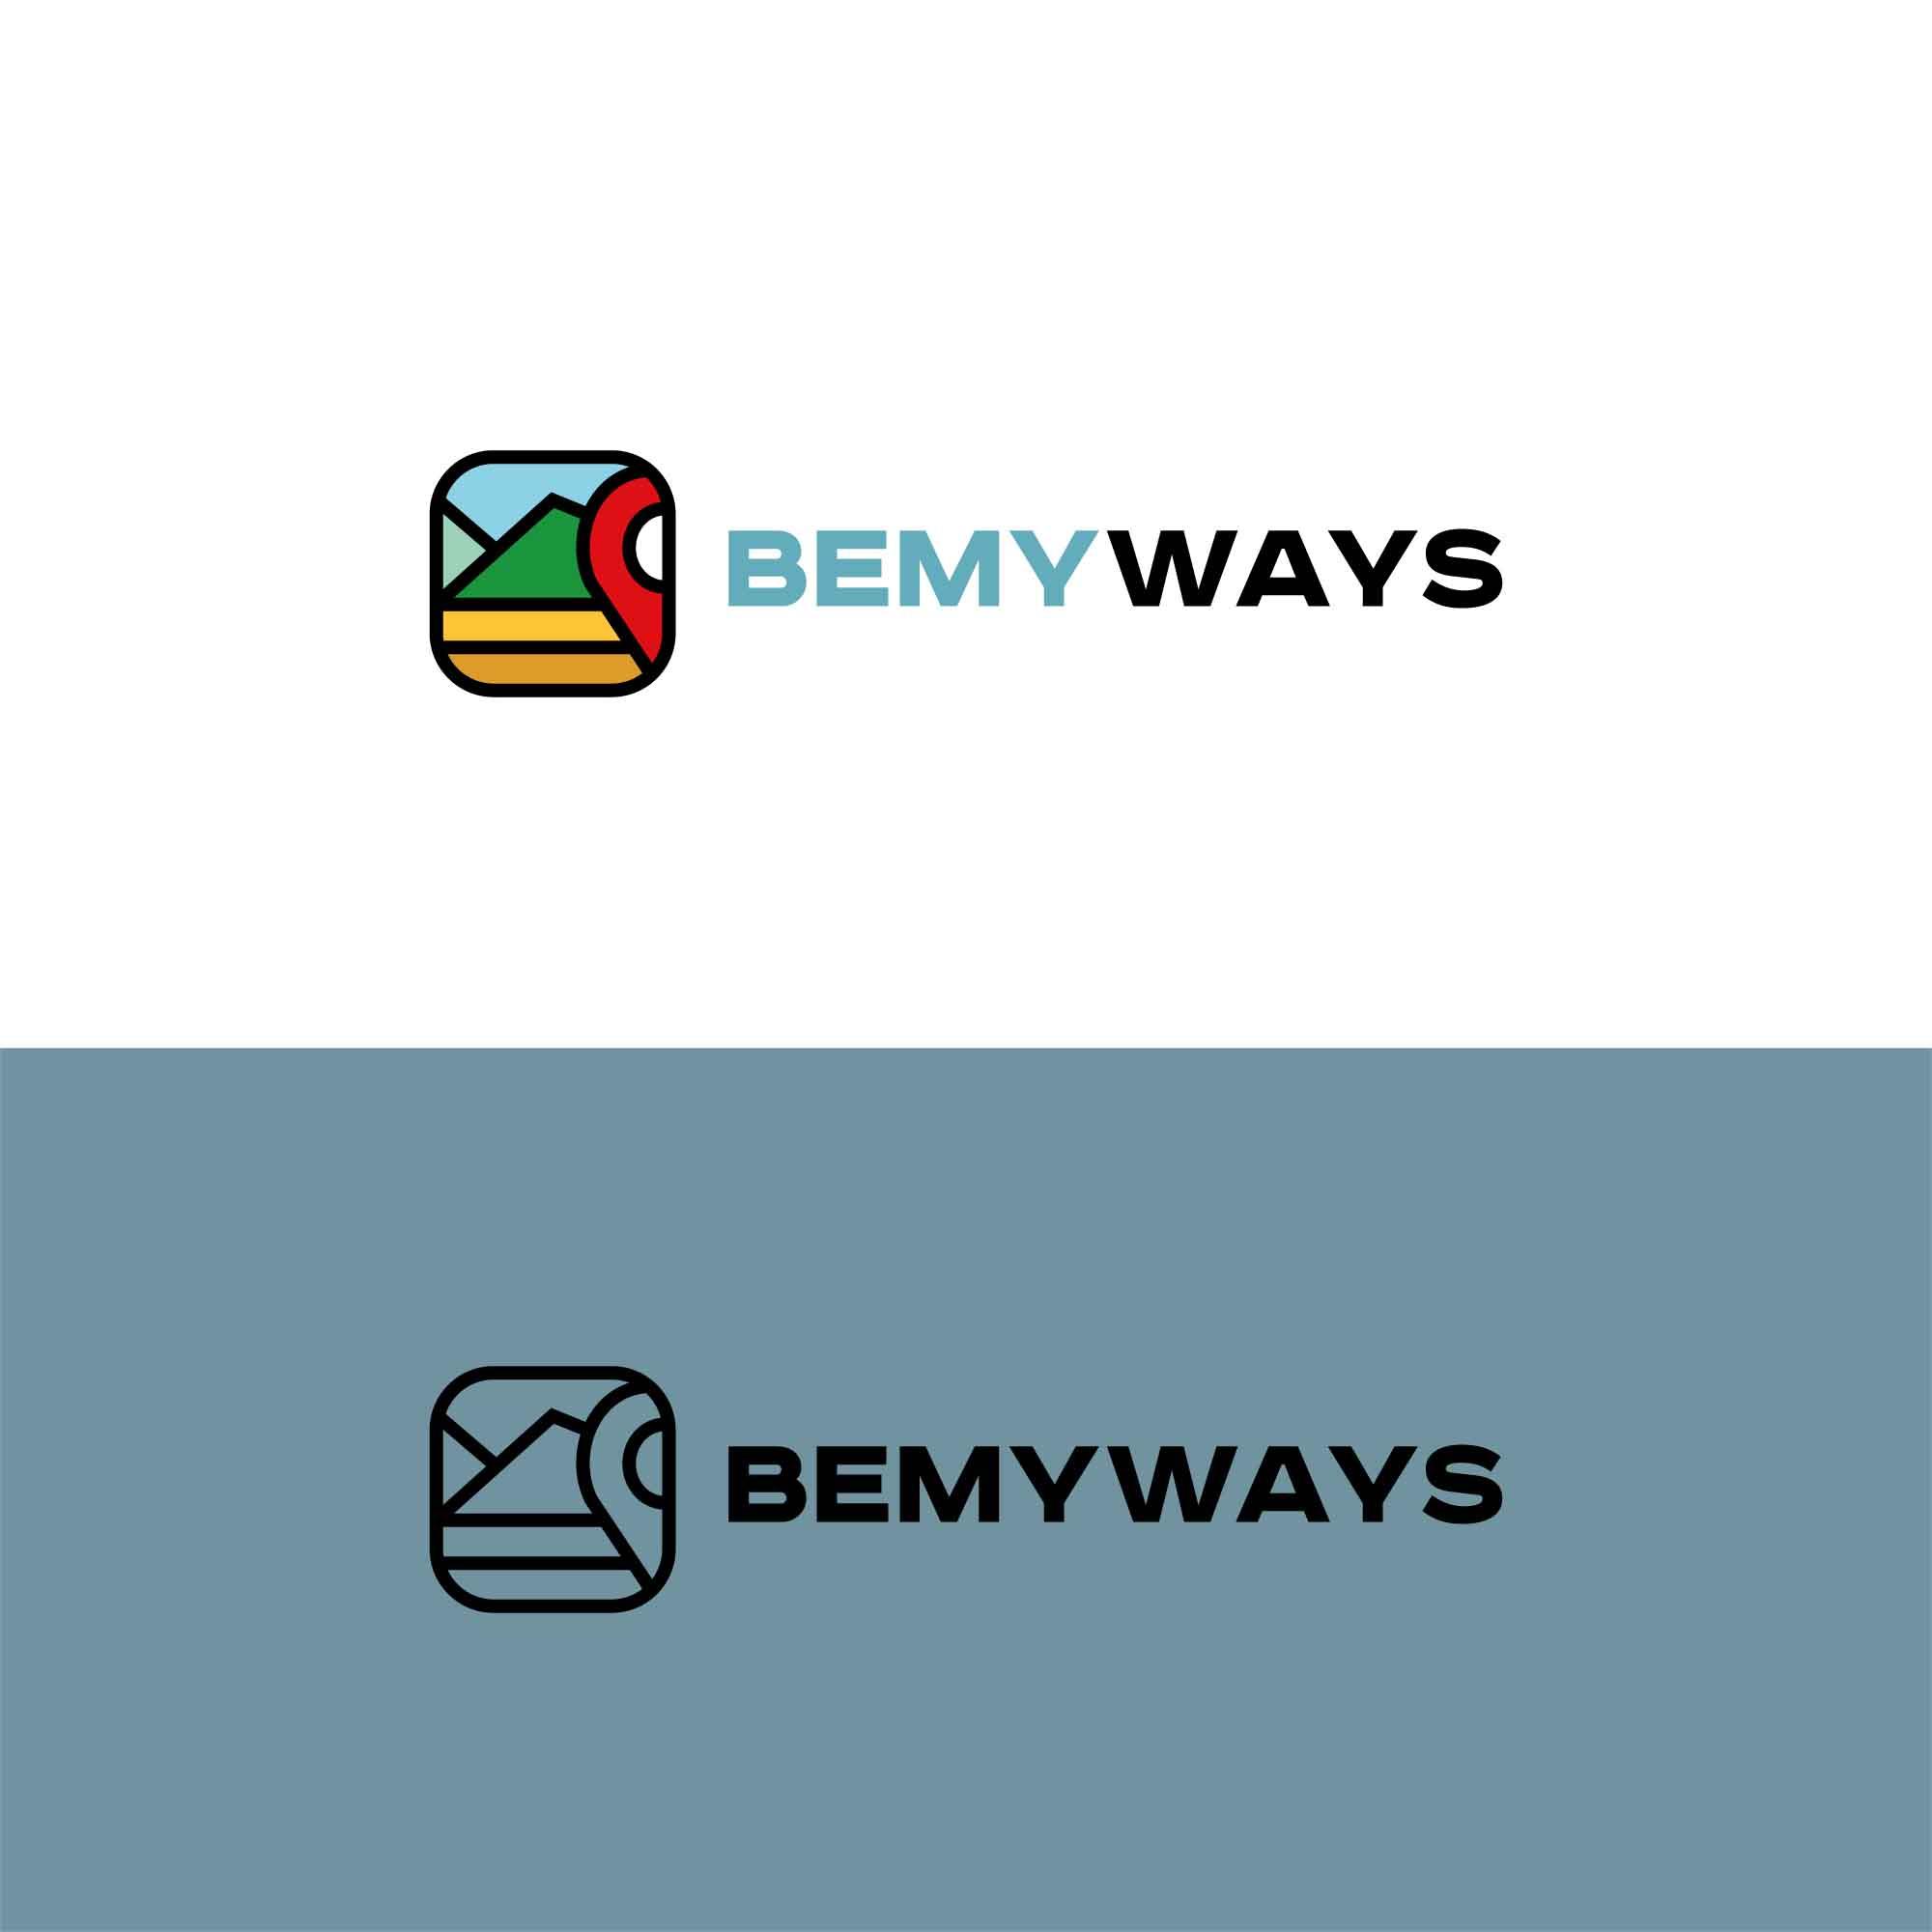 Разработка логотипа и иконки для Travel Video Platform фото f_2175c36580317542.jpg